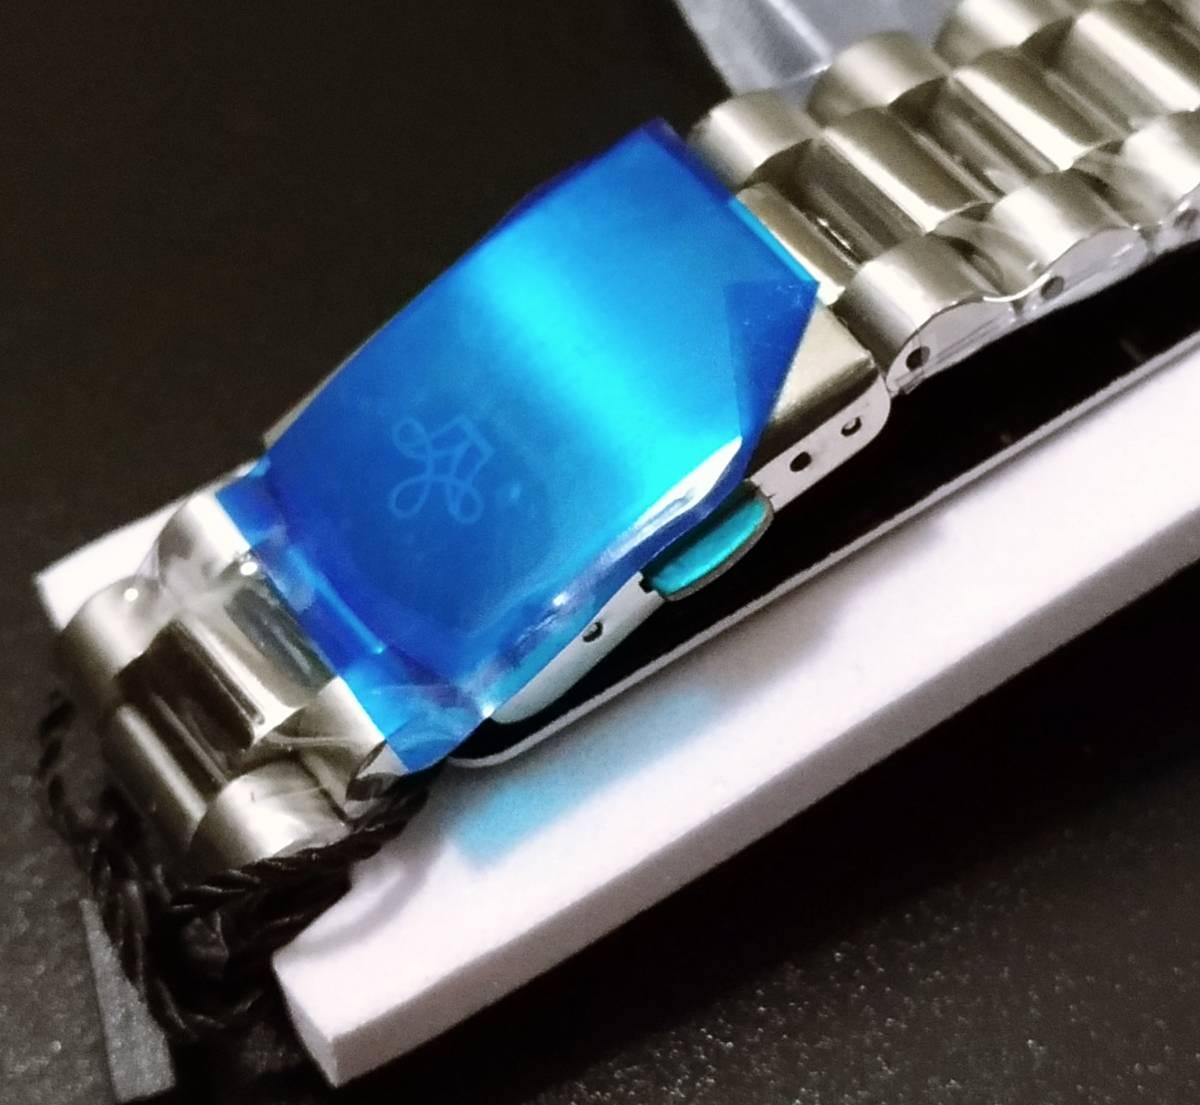 【送料無料】LGXIGE デイデイトスタイル アイスブルー ハイエンド ロレックス系オマージュ ウォッチ 腕時計 高級 メンズ サファイア_画像5